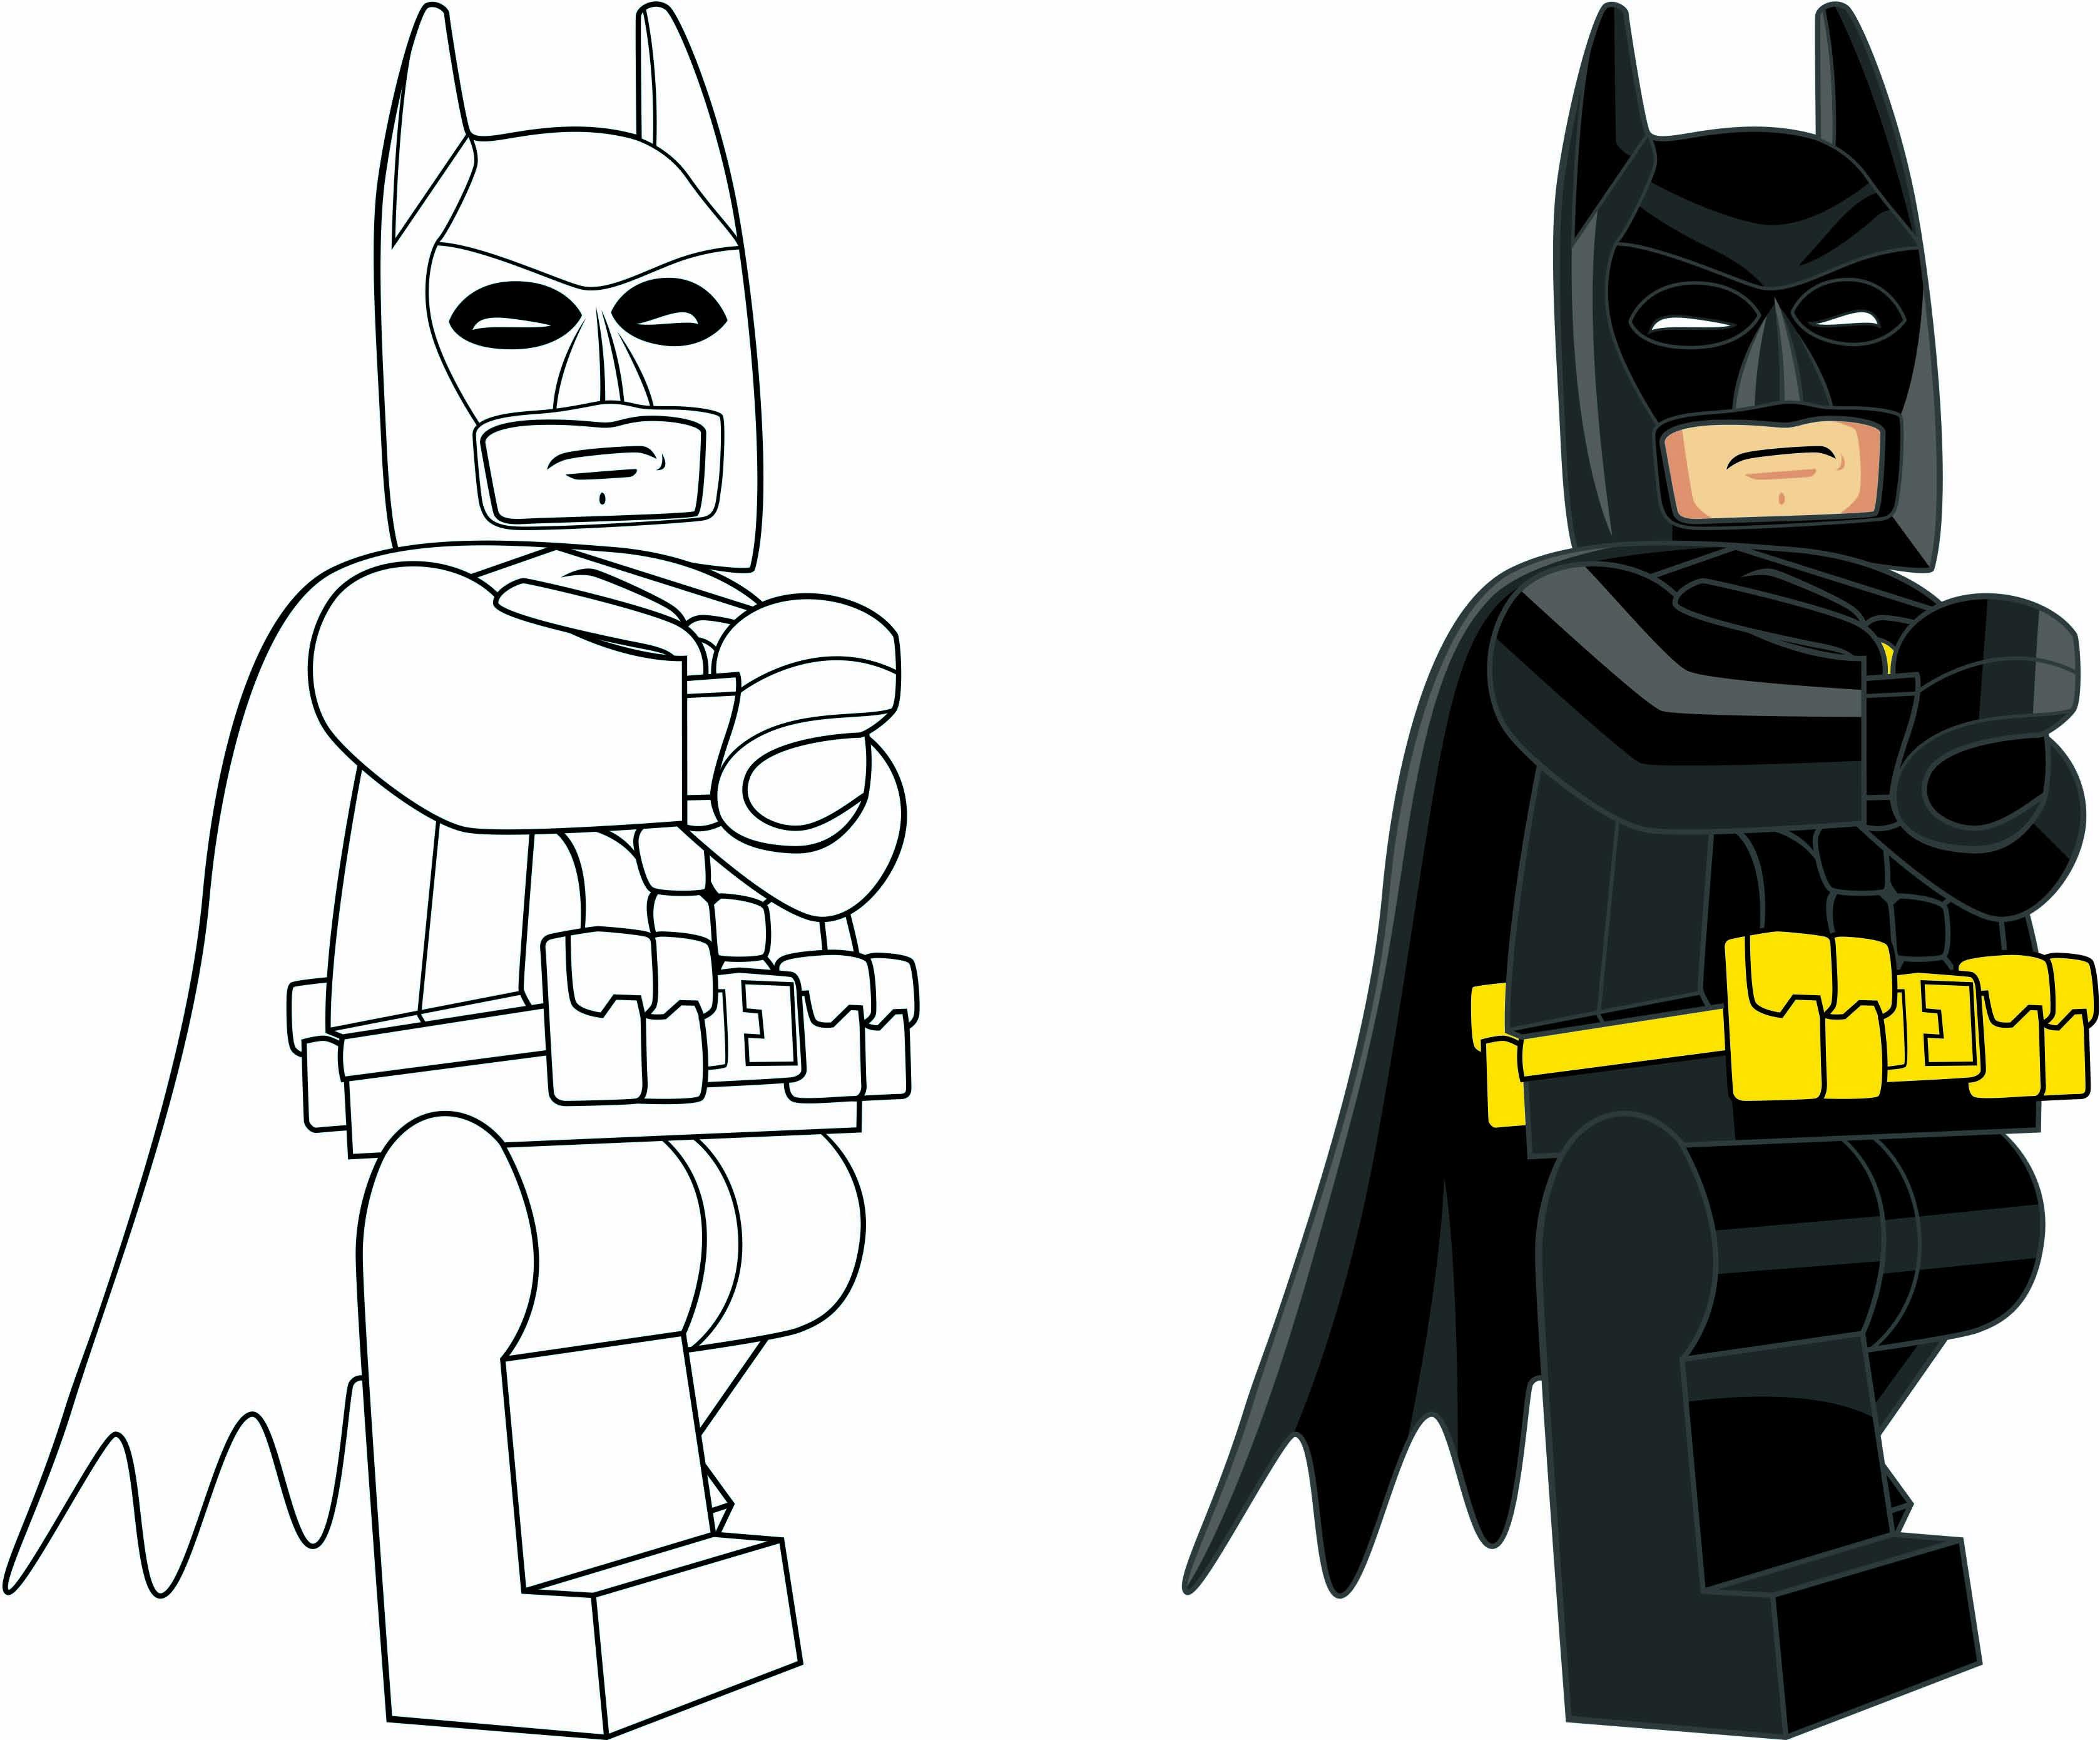 Kleurplaten Lego Batman 3.Awesome Kleurplaat Lego Batman 2 Kleurplaten